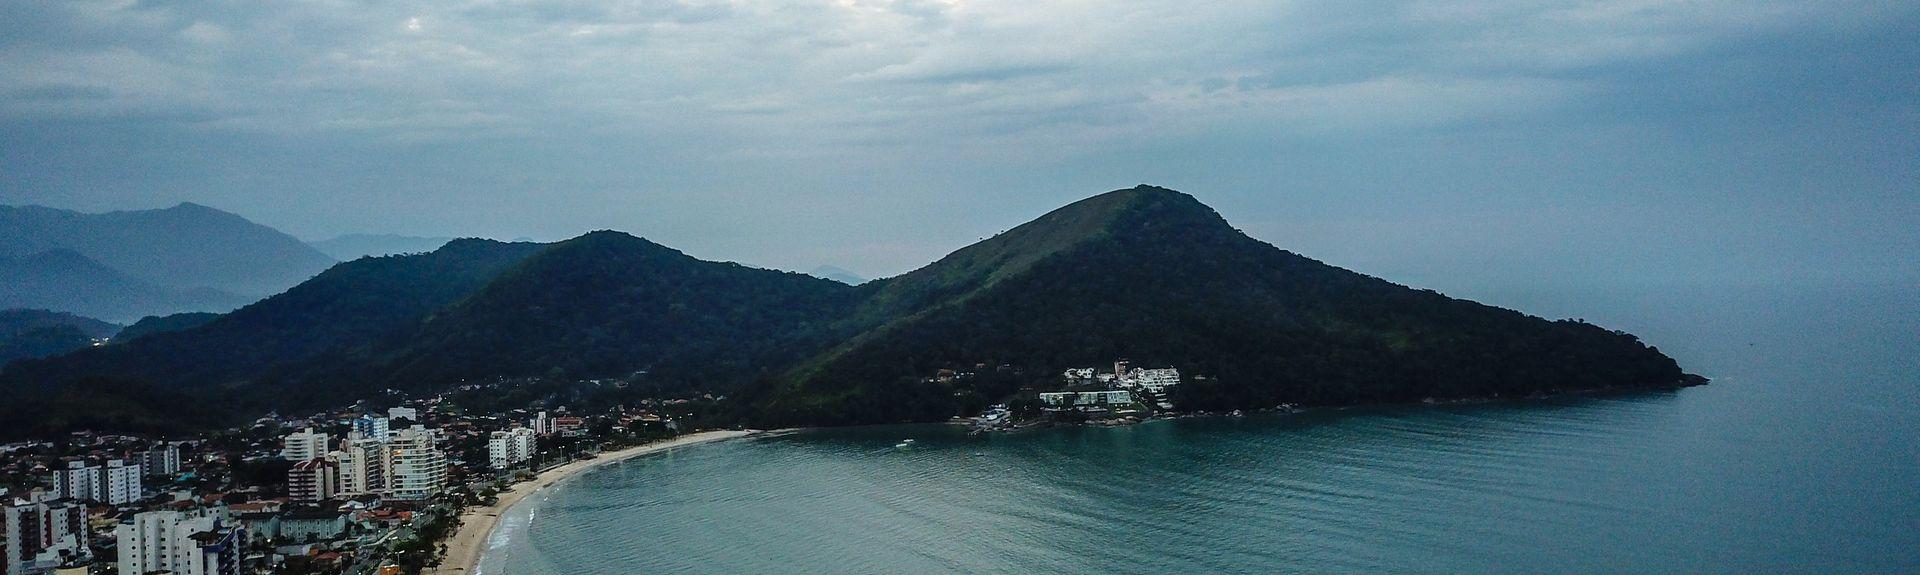 Capricorn Beach (plage), Caraguatatuba, Région Sud-Est, Brésil